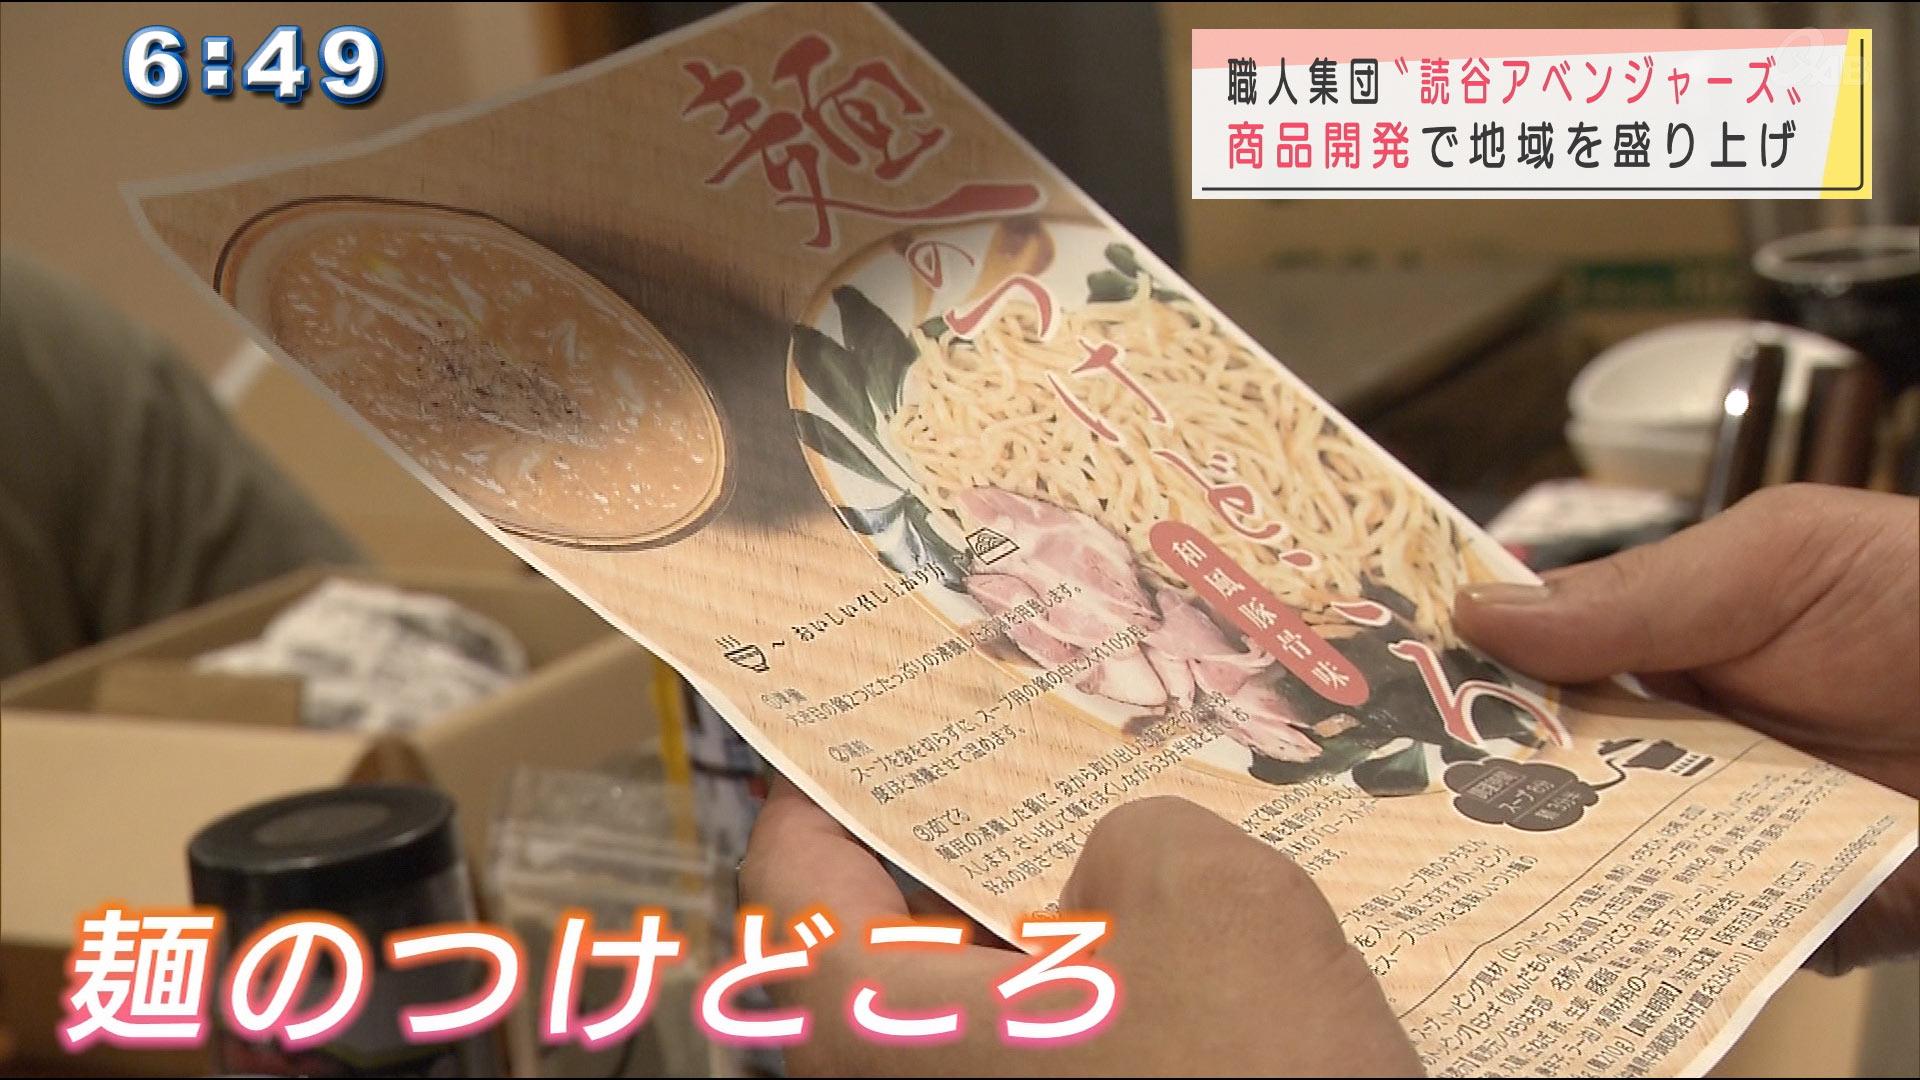 読谷アベンジャーズが村おこし オンリーワンすぎる一皿!